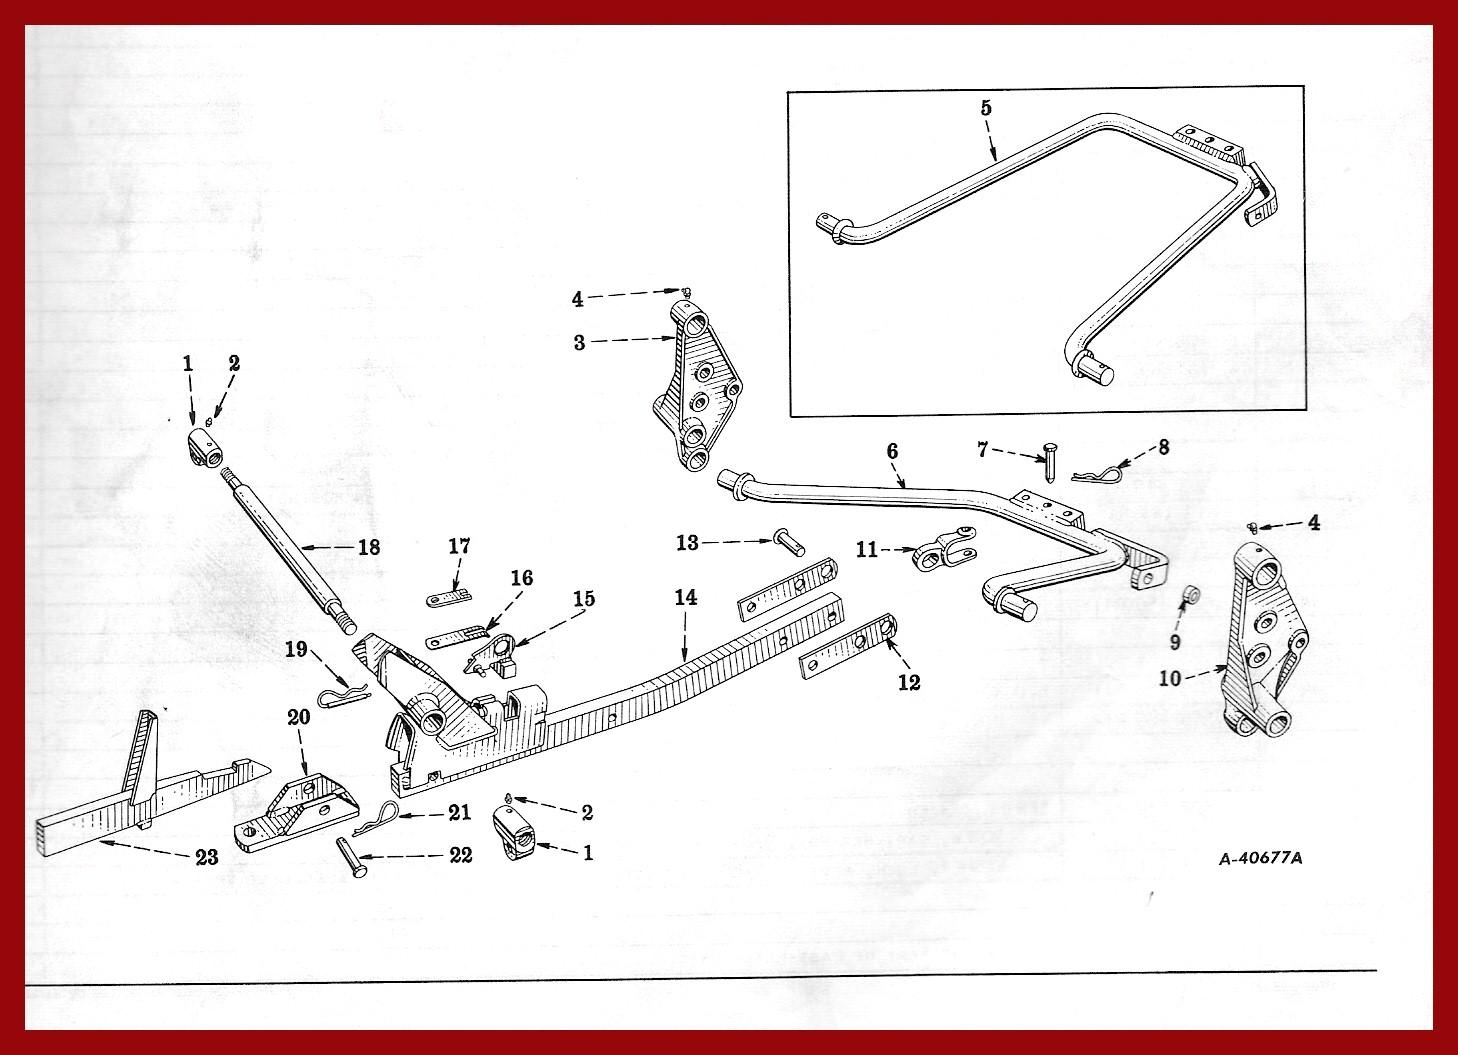 farmall cub parts diagram woods loader parts diagram